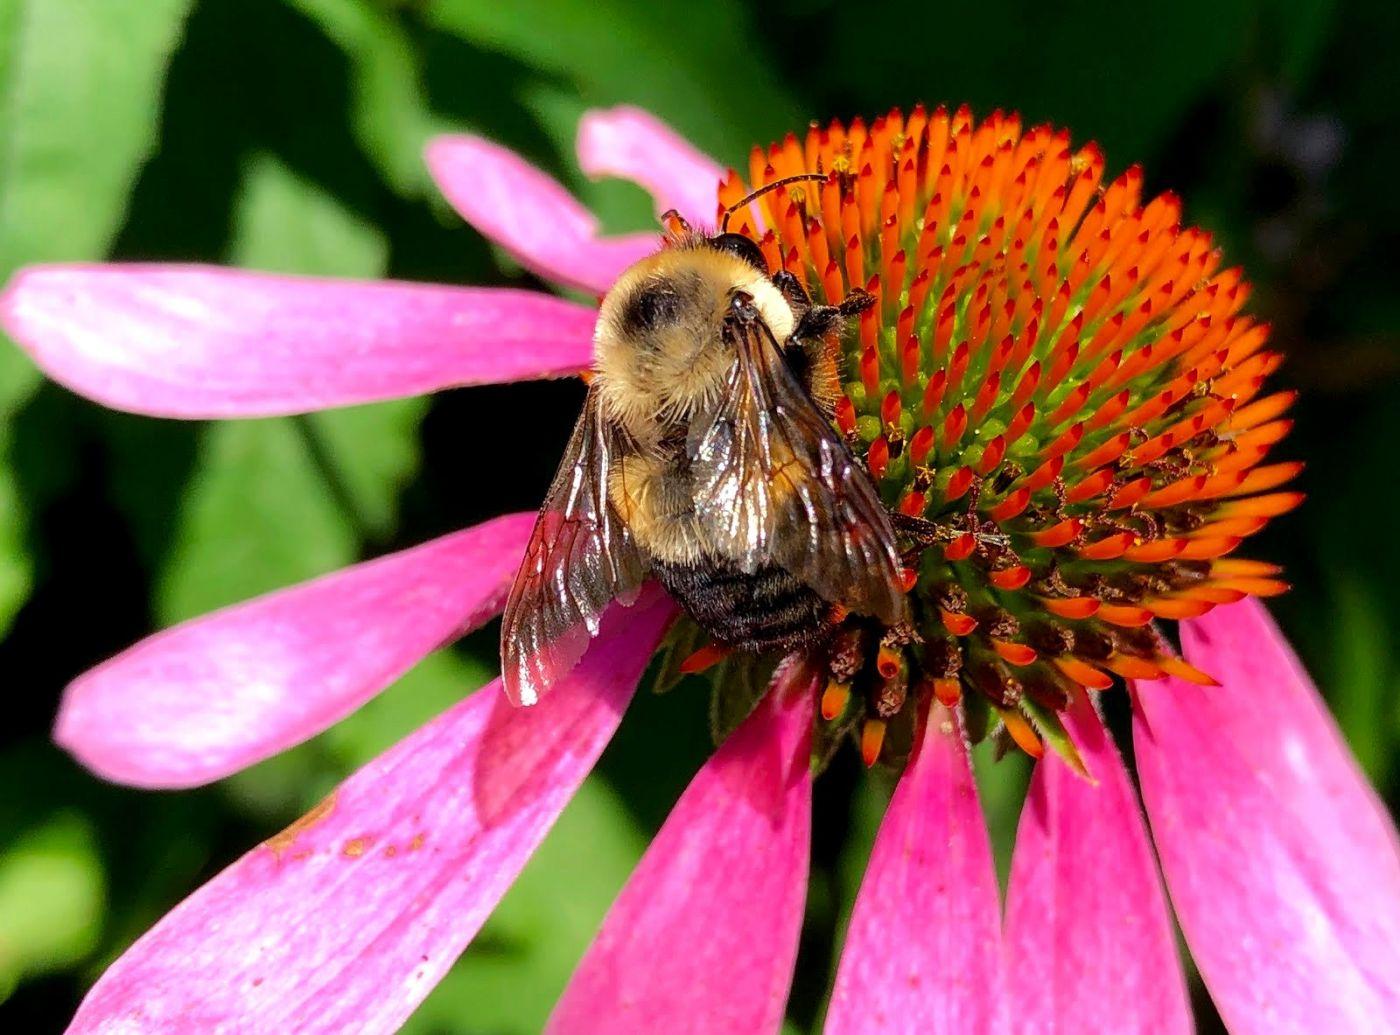 7月的蜜蜂.蝴蝶_图1-1